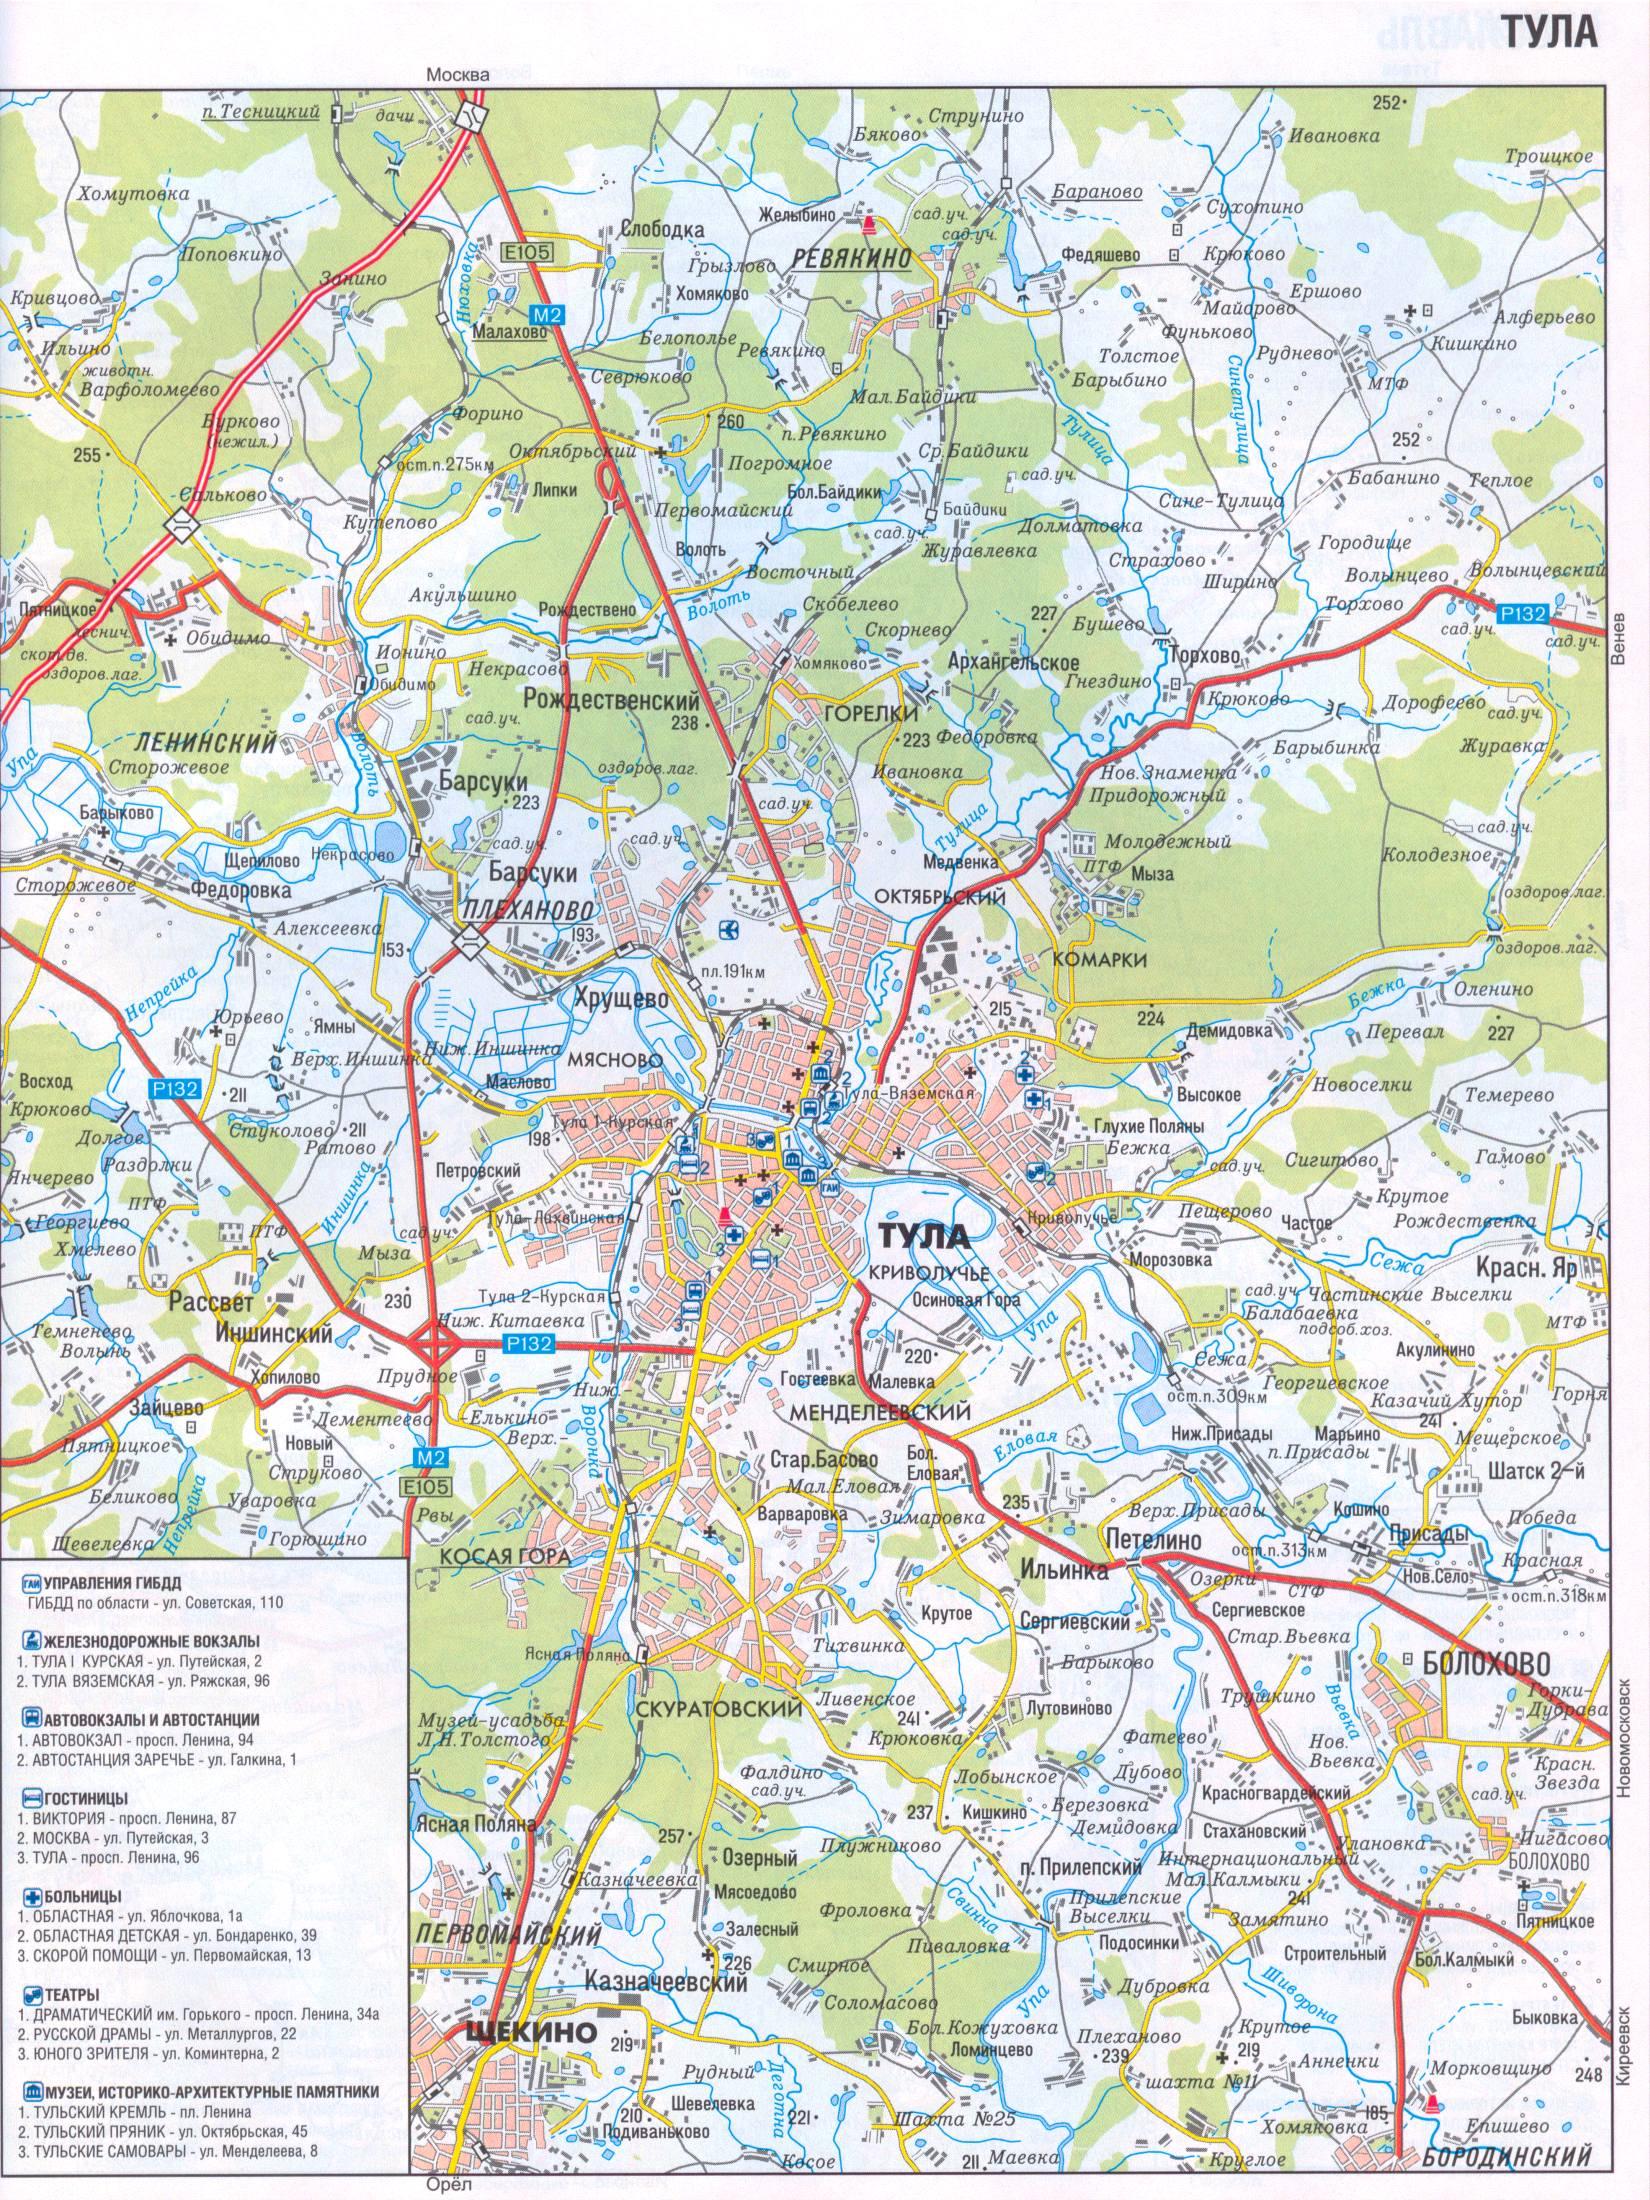 Карта Тулы.  План города Тула с окрестностями, показаны схема проезда авто транспорта, телефоны и адреса гостиниц...